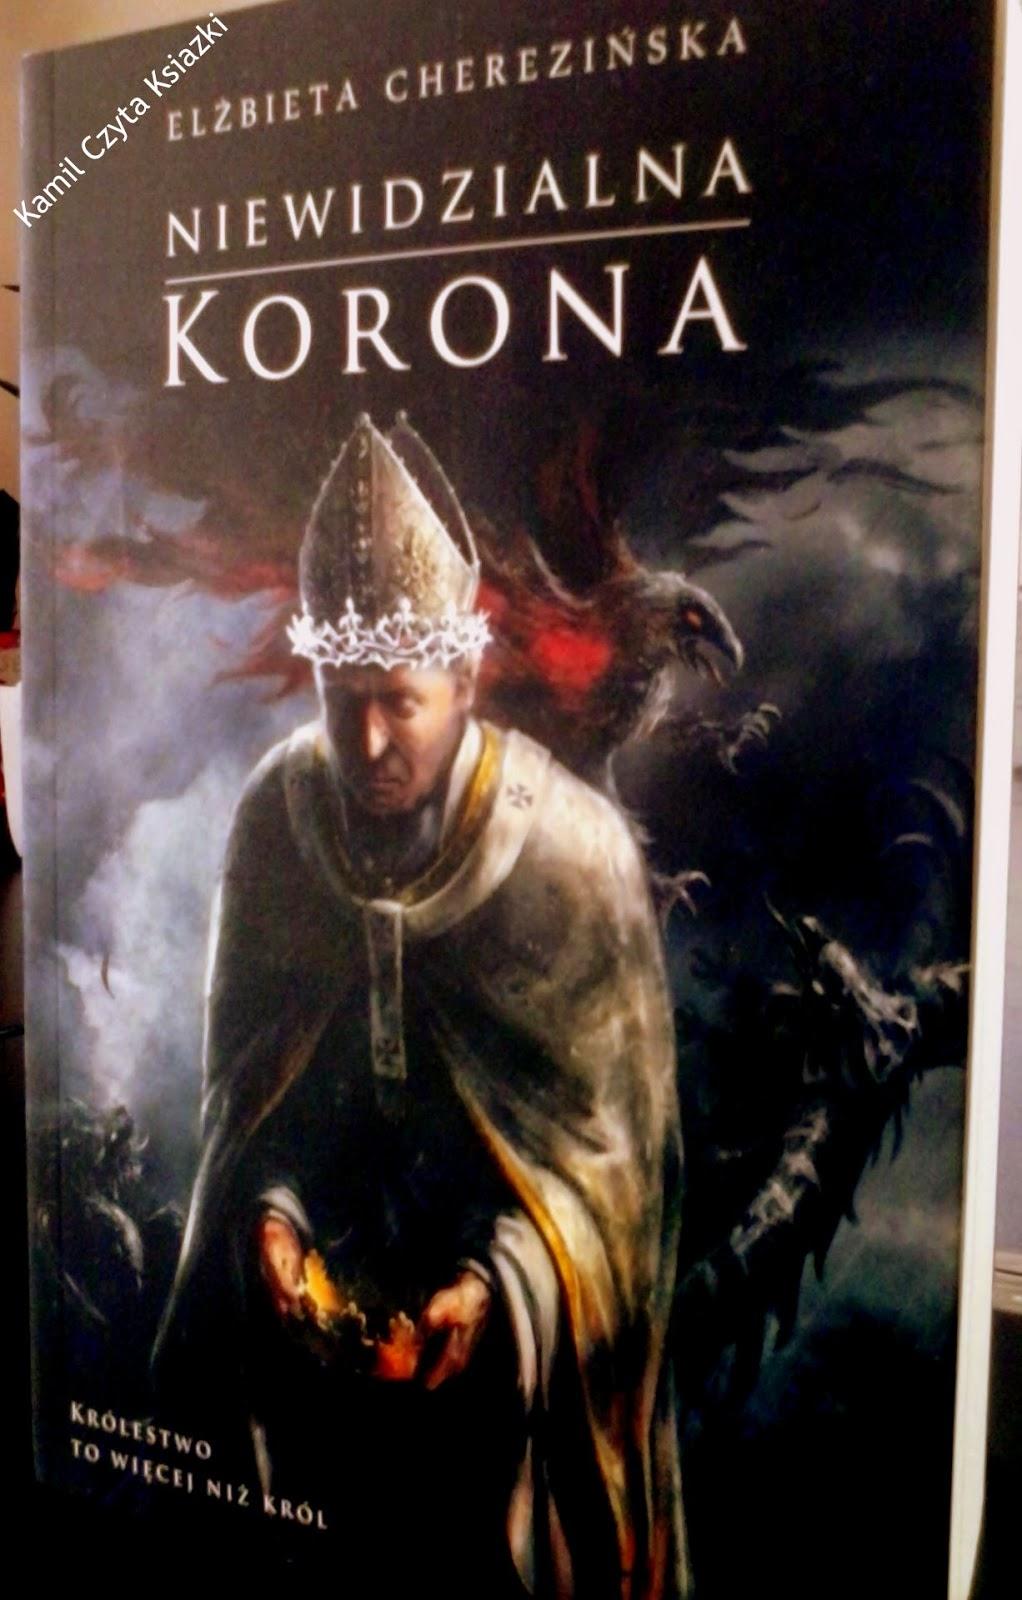 Elżbieta Chereziśnka Niewidzialna korona recenzja opis opinia kamil czyta książki zysk i s-ka władysław łokietek odrodzone królestwo